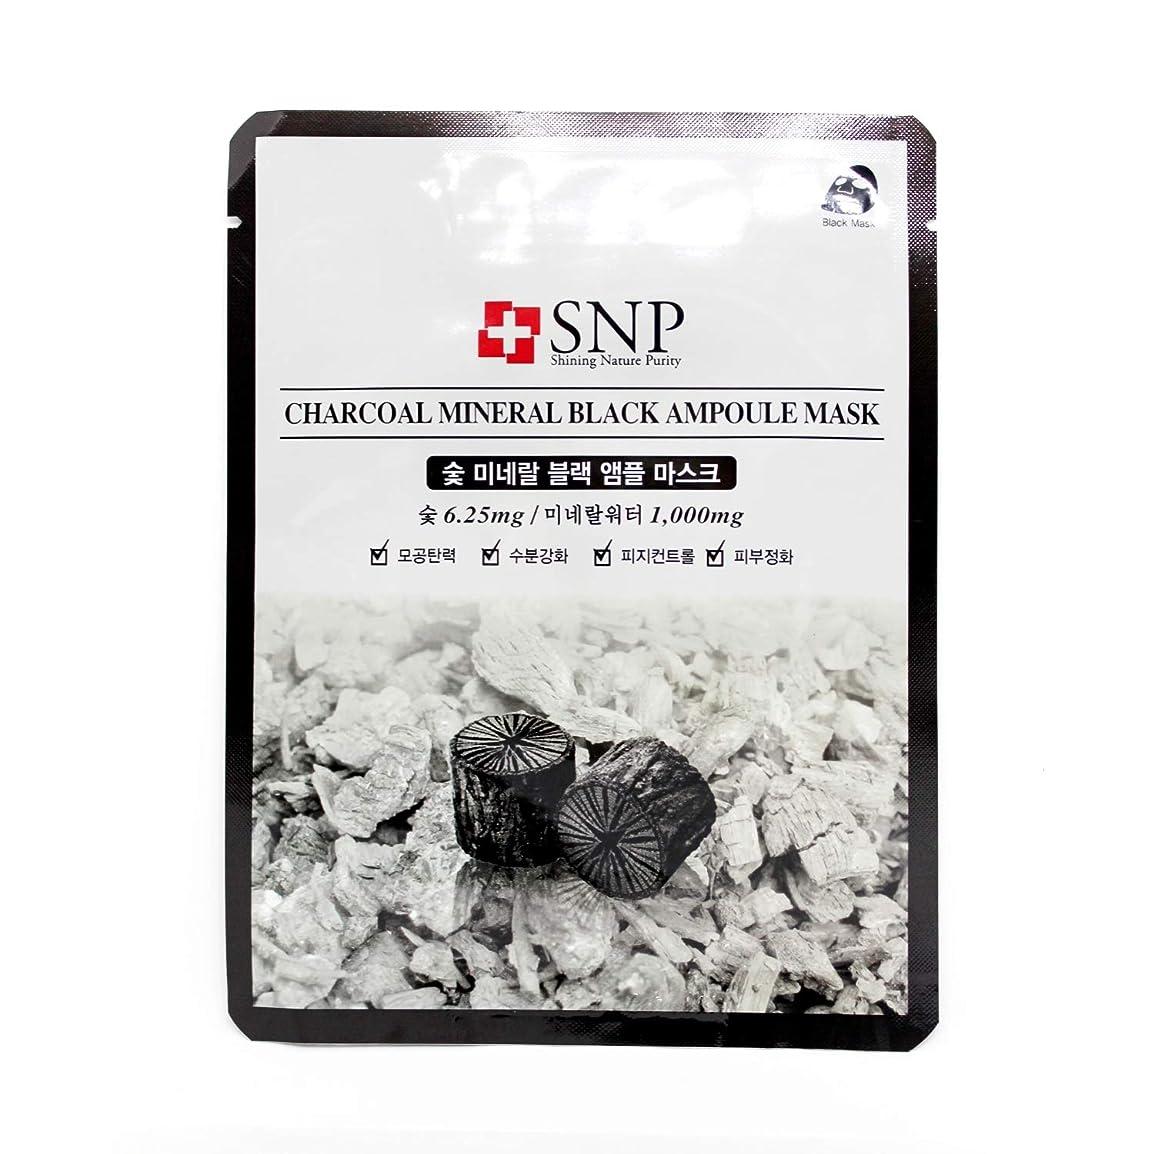 ドループ標高フラスコSNP エスエヌピー 炭 ミネラル ブラック アンプル マスク 10枚セット